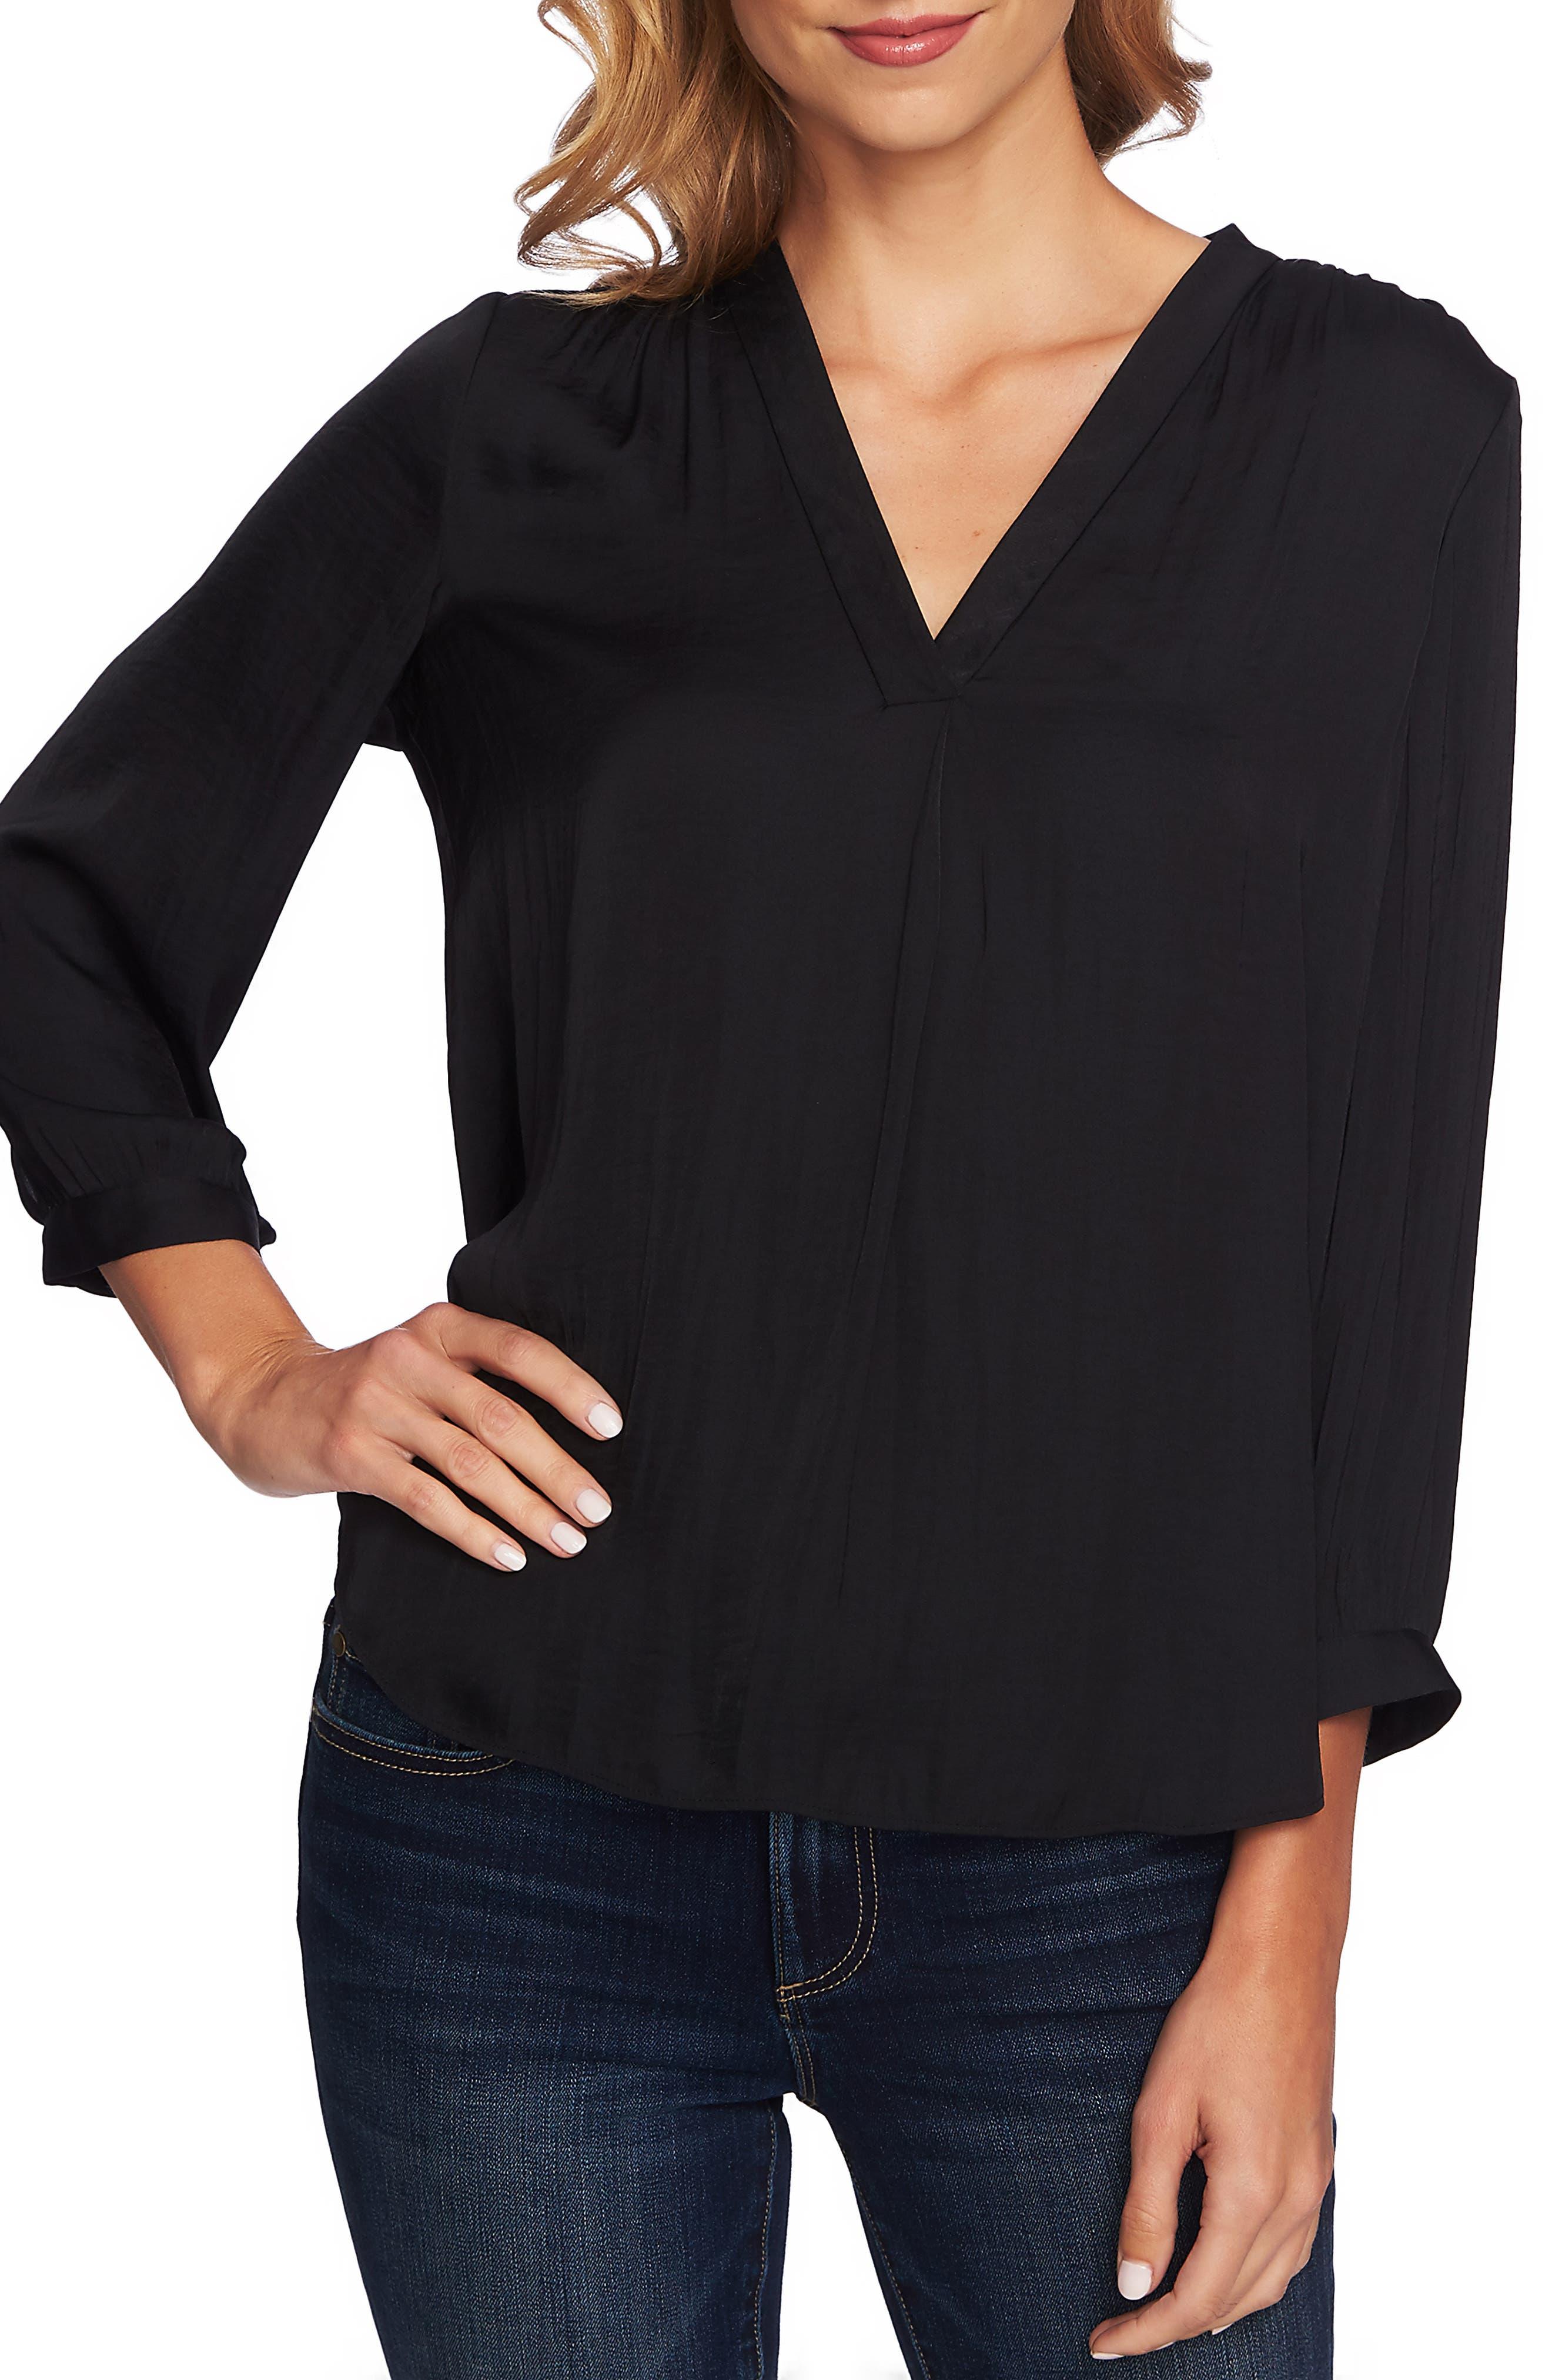 Rumple Fabric Blouse,                         Main,                         color, RICH BLACK